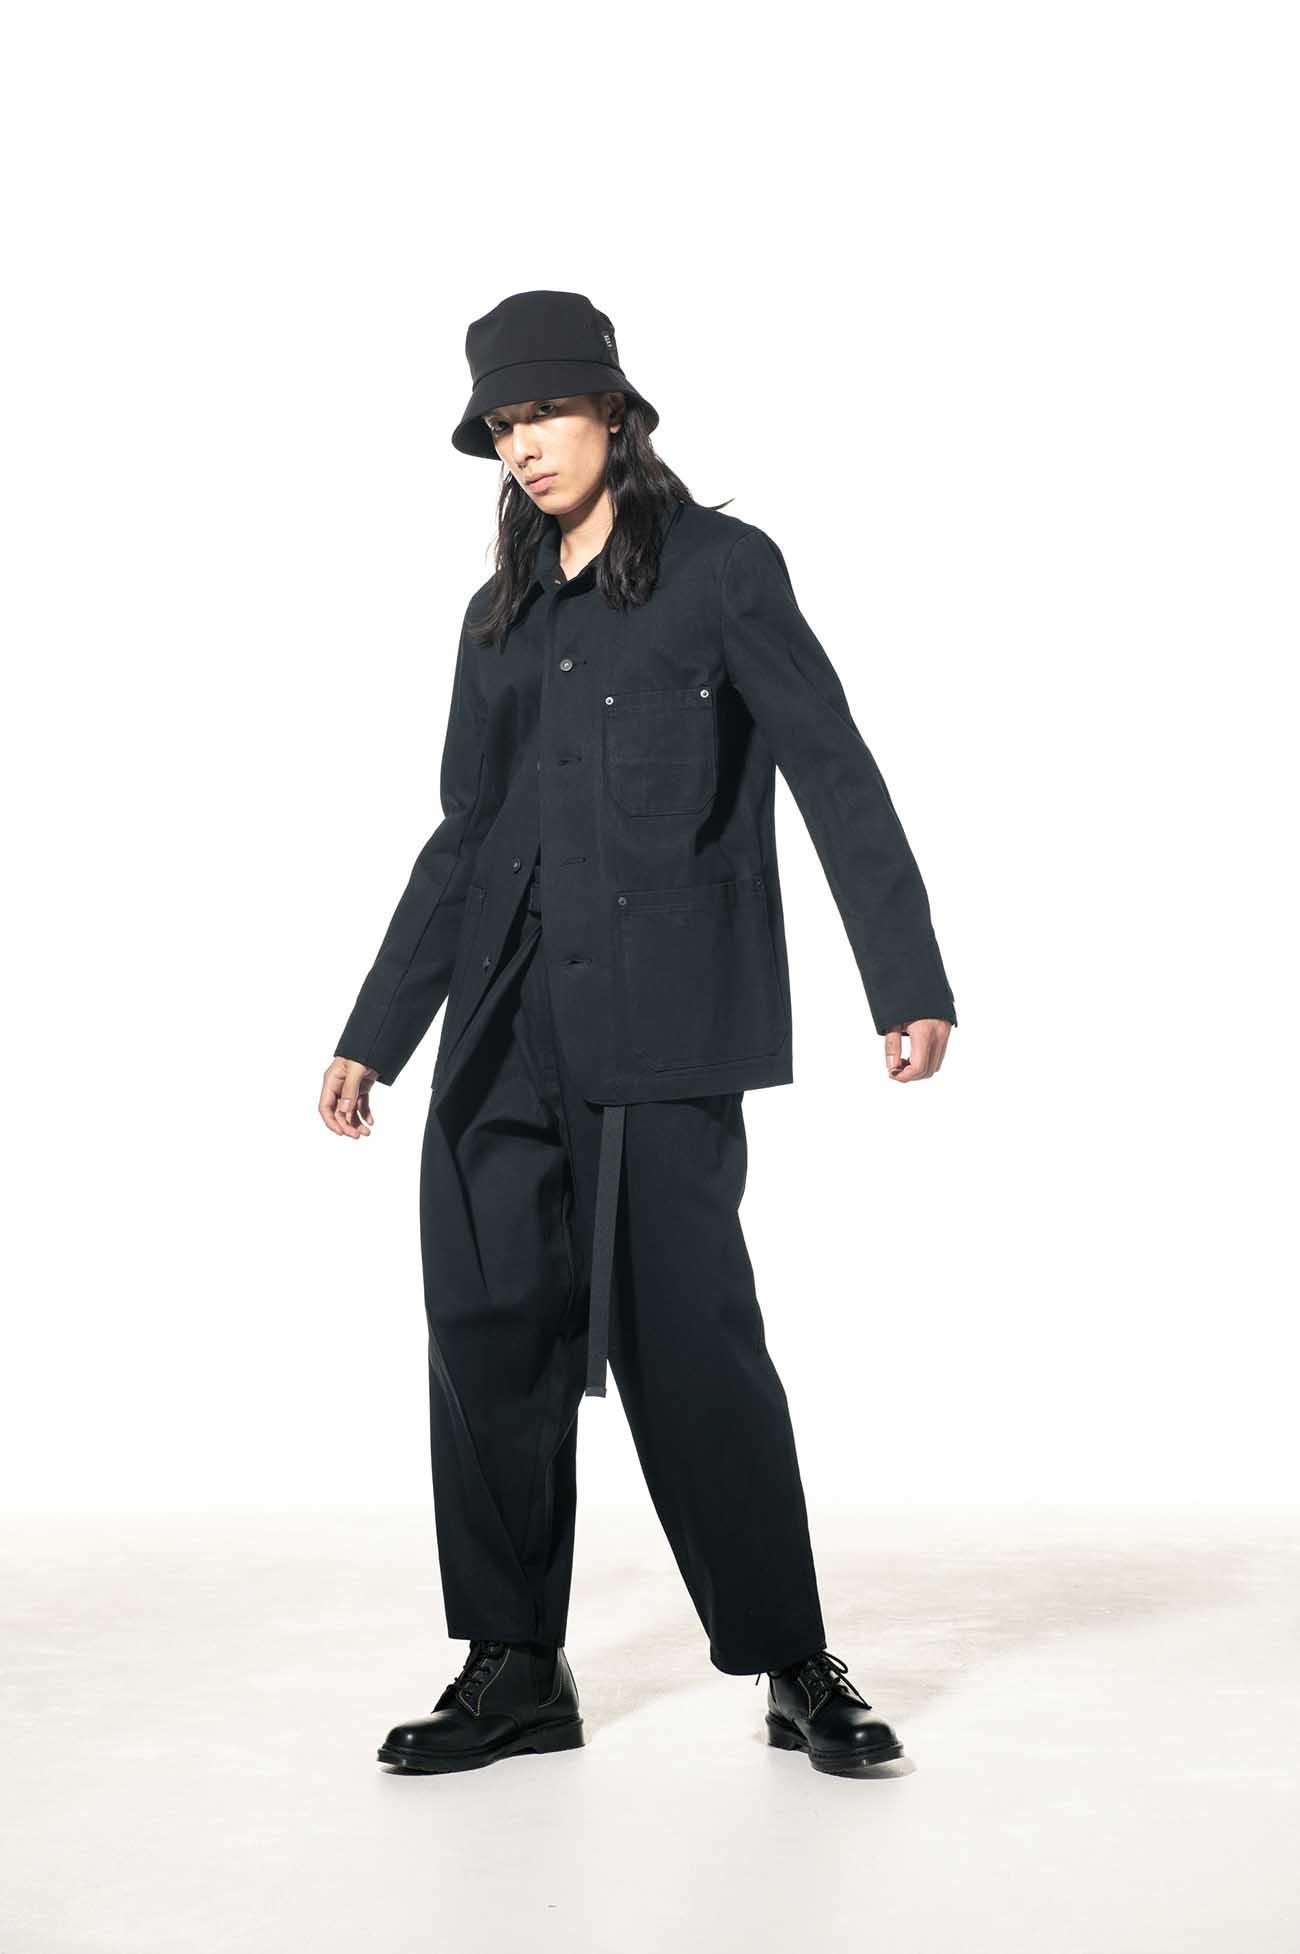 10 oz Denim Coveralls Jacket